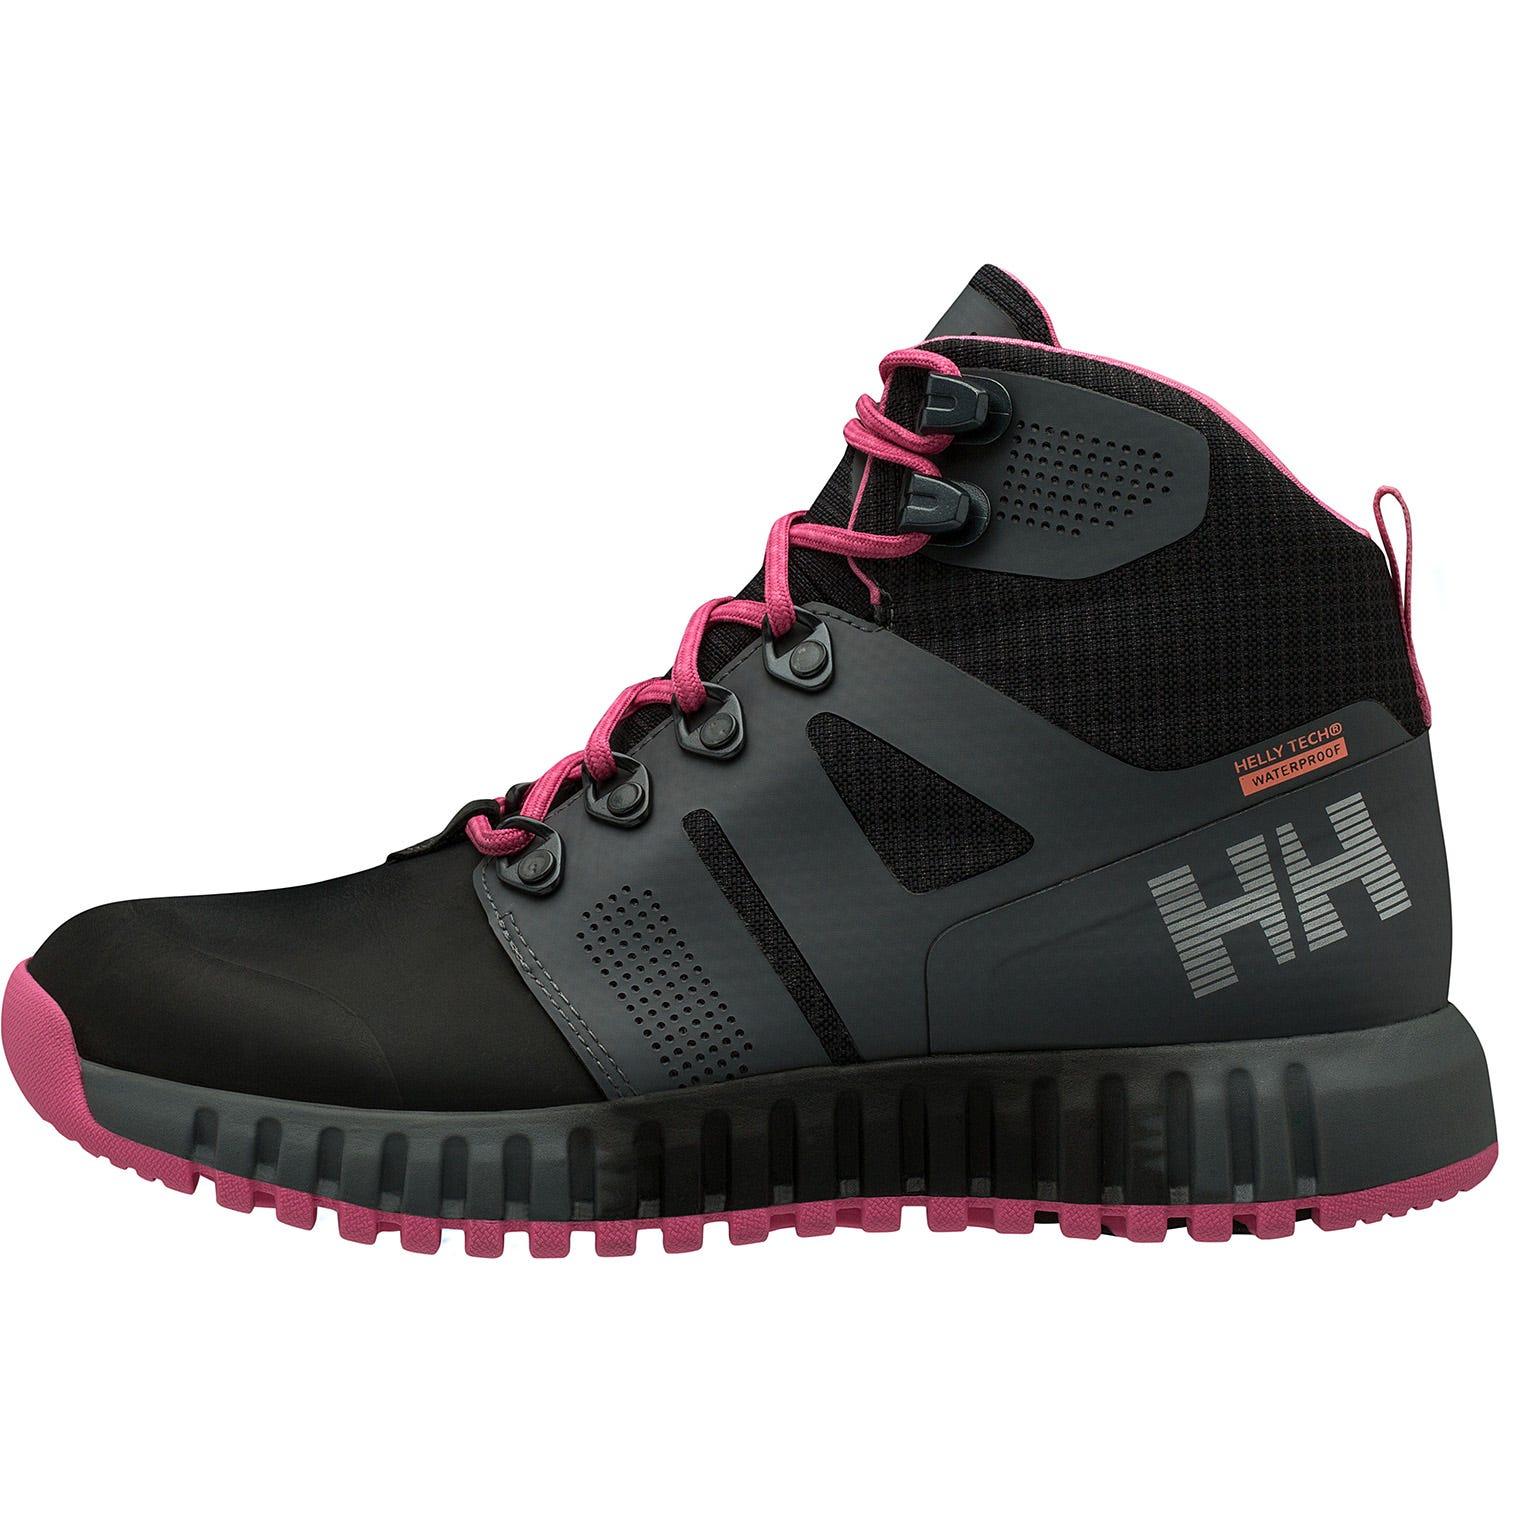 Helly Hansen W Vanir Gallivant Ht Womens Hiking Boot Black 39.3/8